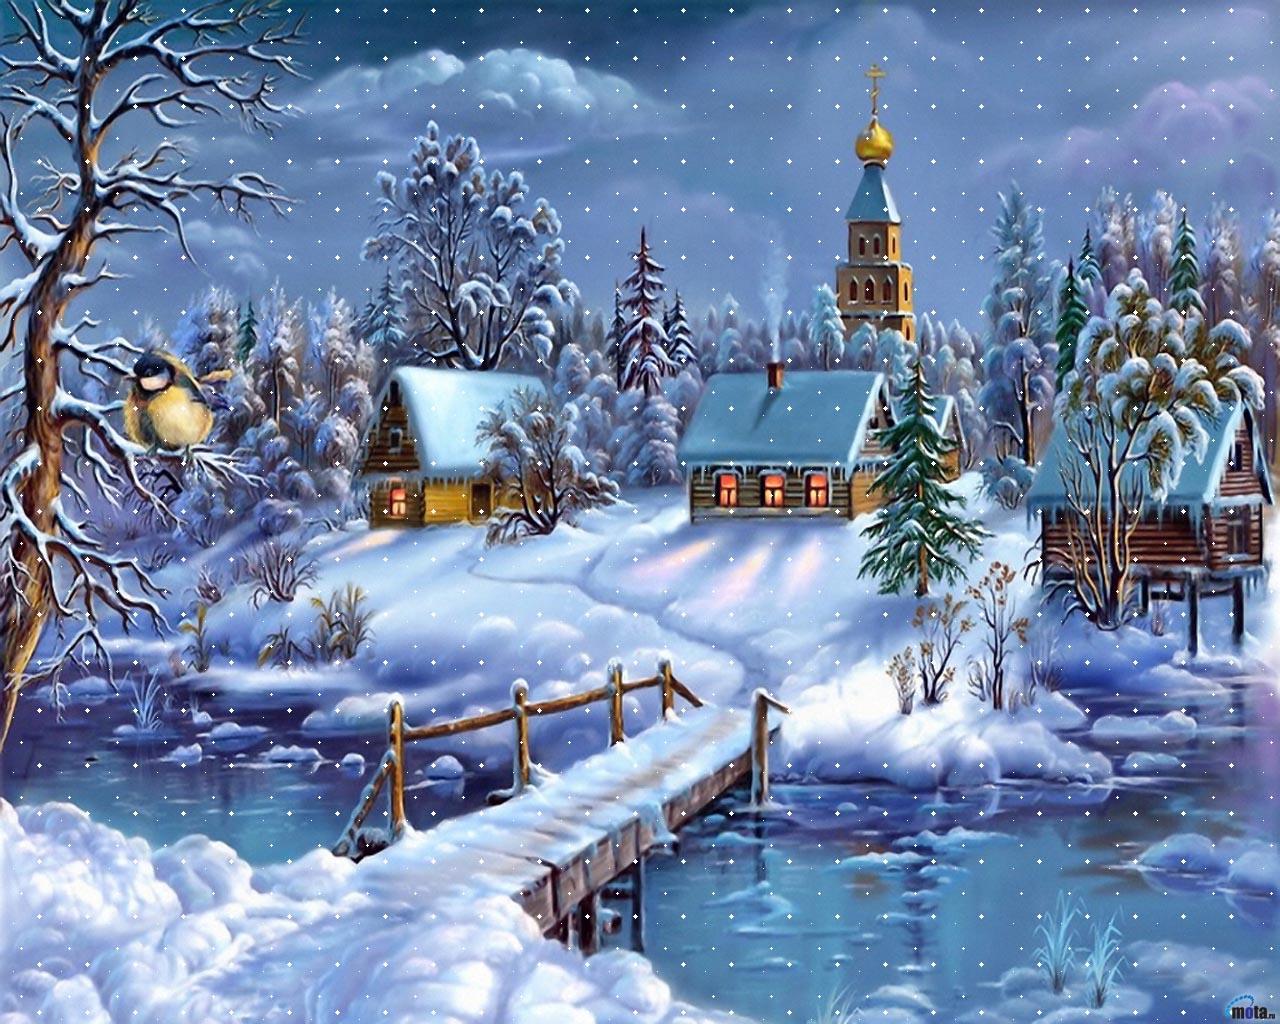 C:\Users\Администратор\Desktop\Рождественский праздник\ny_312.jpg